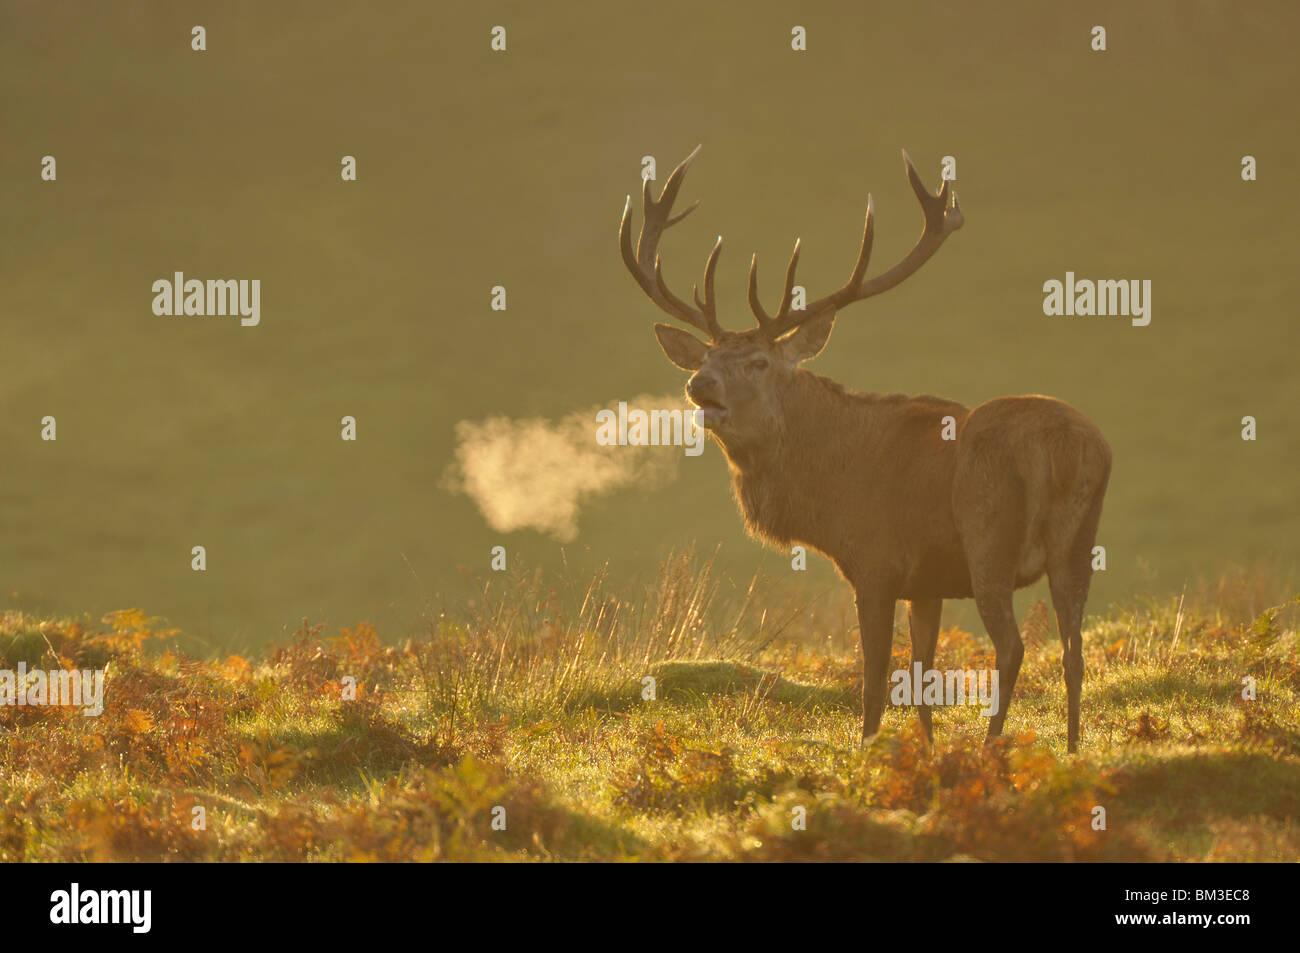 Ciervo rojo (Cervus elaphus). Ciervo en Rut otoñal rugiente, Leicestershire, REINO UNIDO Imagen De Stock